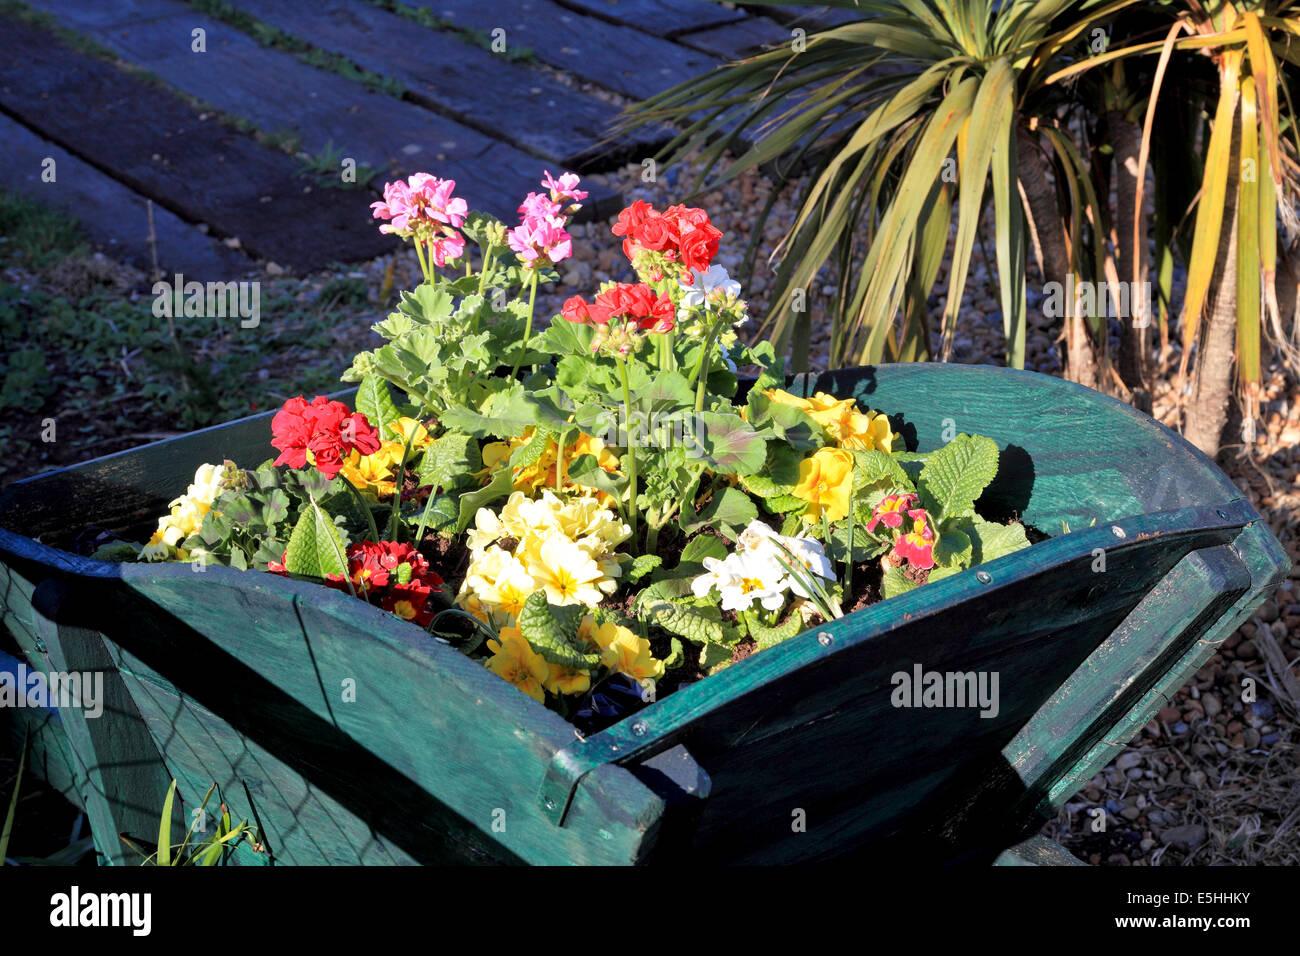 9585. Flowers in wheelbarrow, Deal, Kent - Stock Image